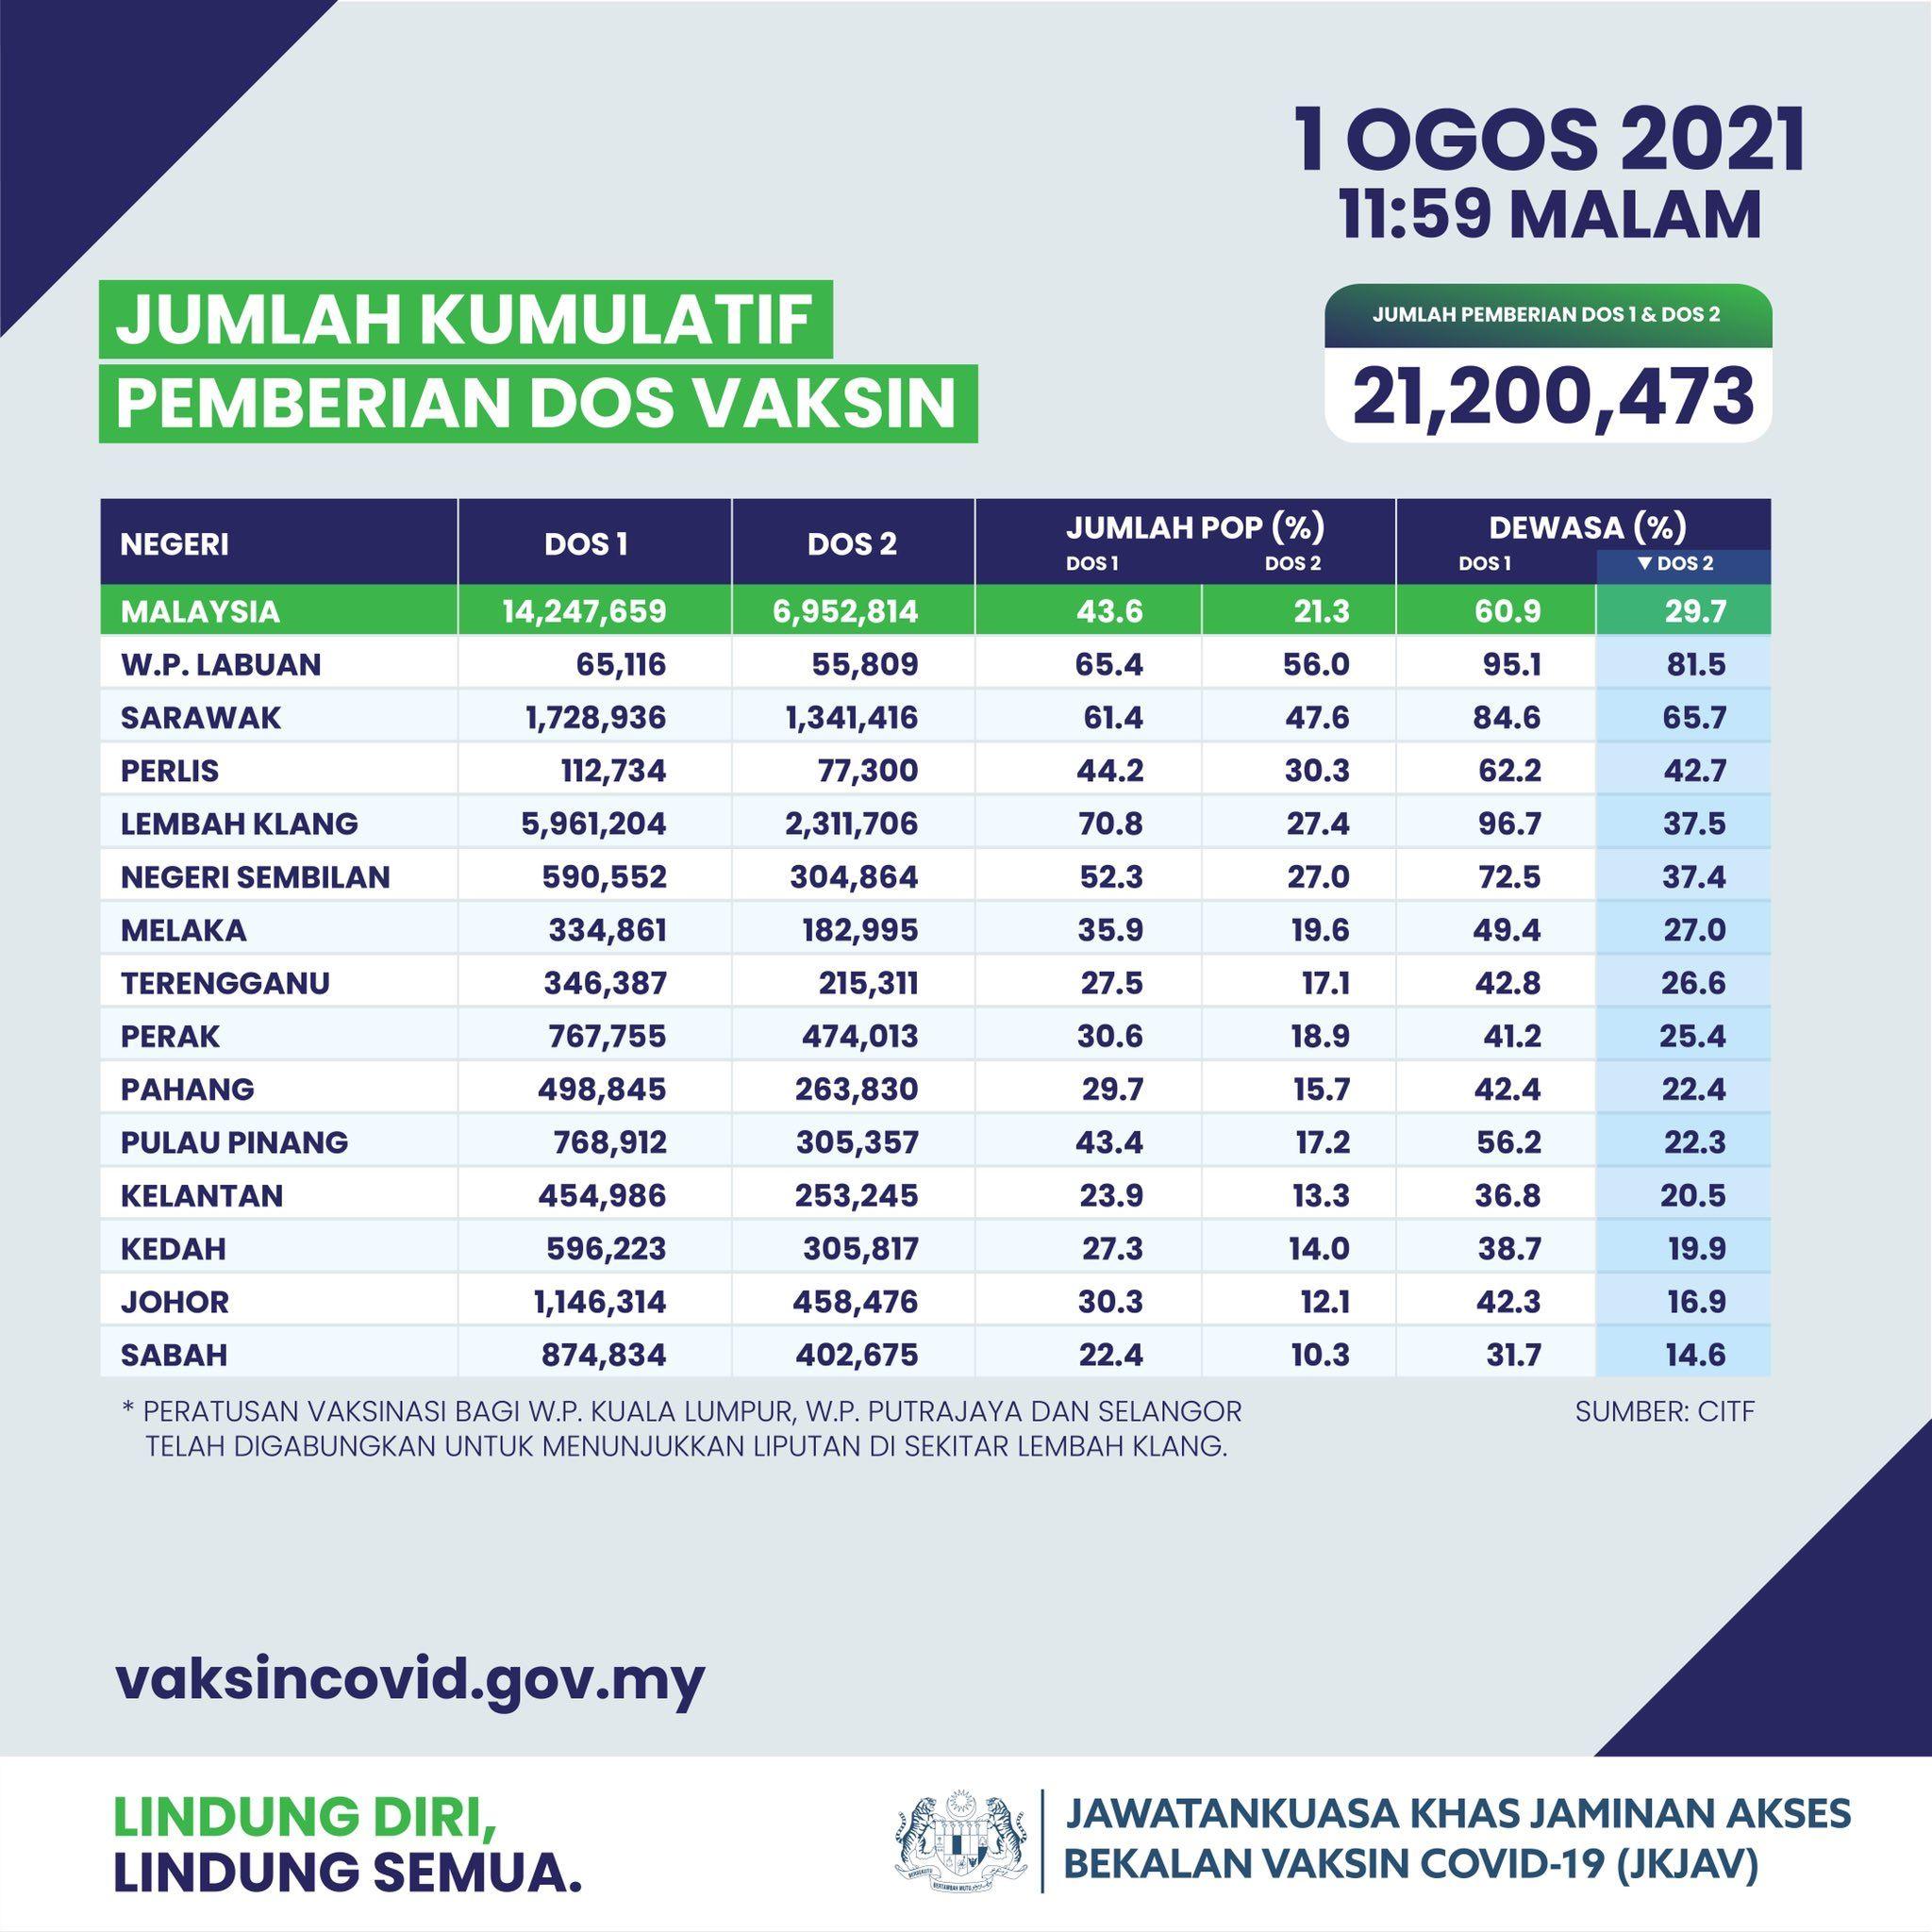 4.18 bilion suntikan vaksin covid-19 telah diberikan di seluruh dunia